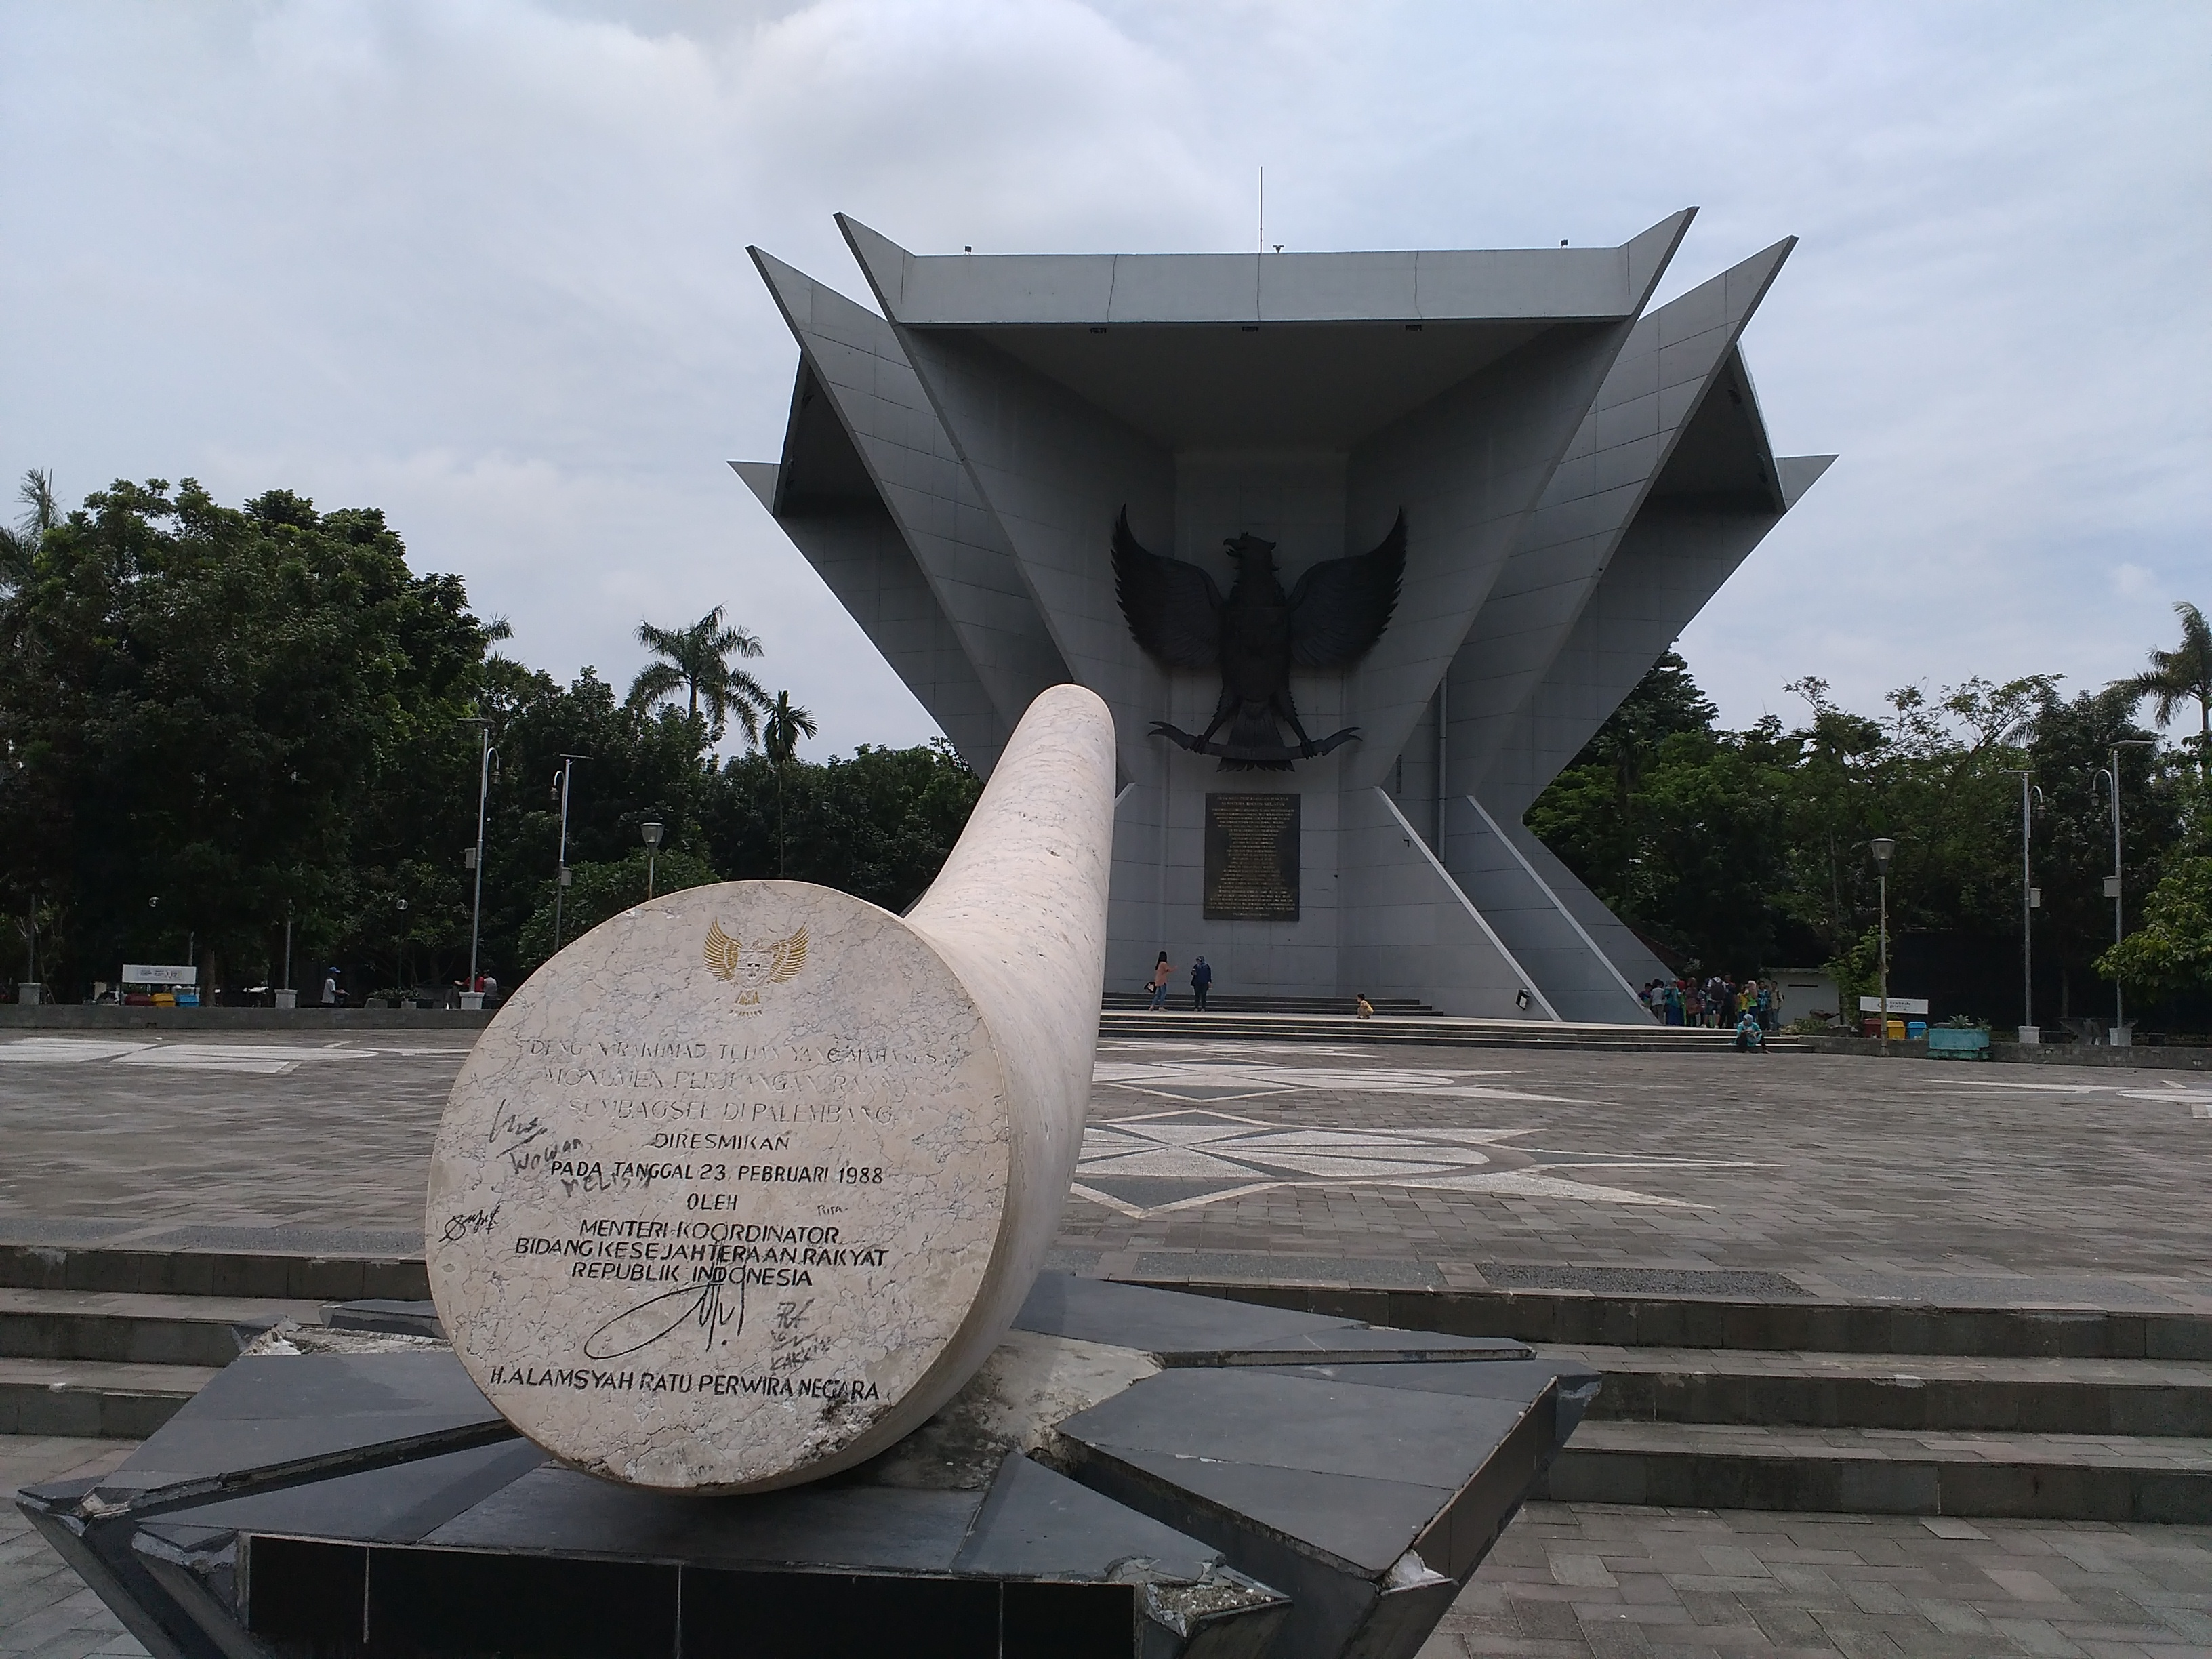 Melihat Palembang 360 derajat dari Monpera, Melihat Palembang 360 derajat dari Monpera, Jurnal Suzannita